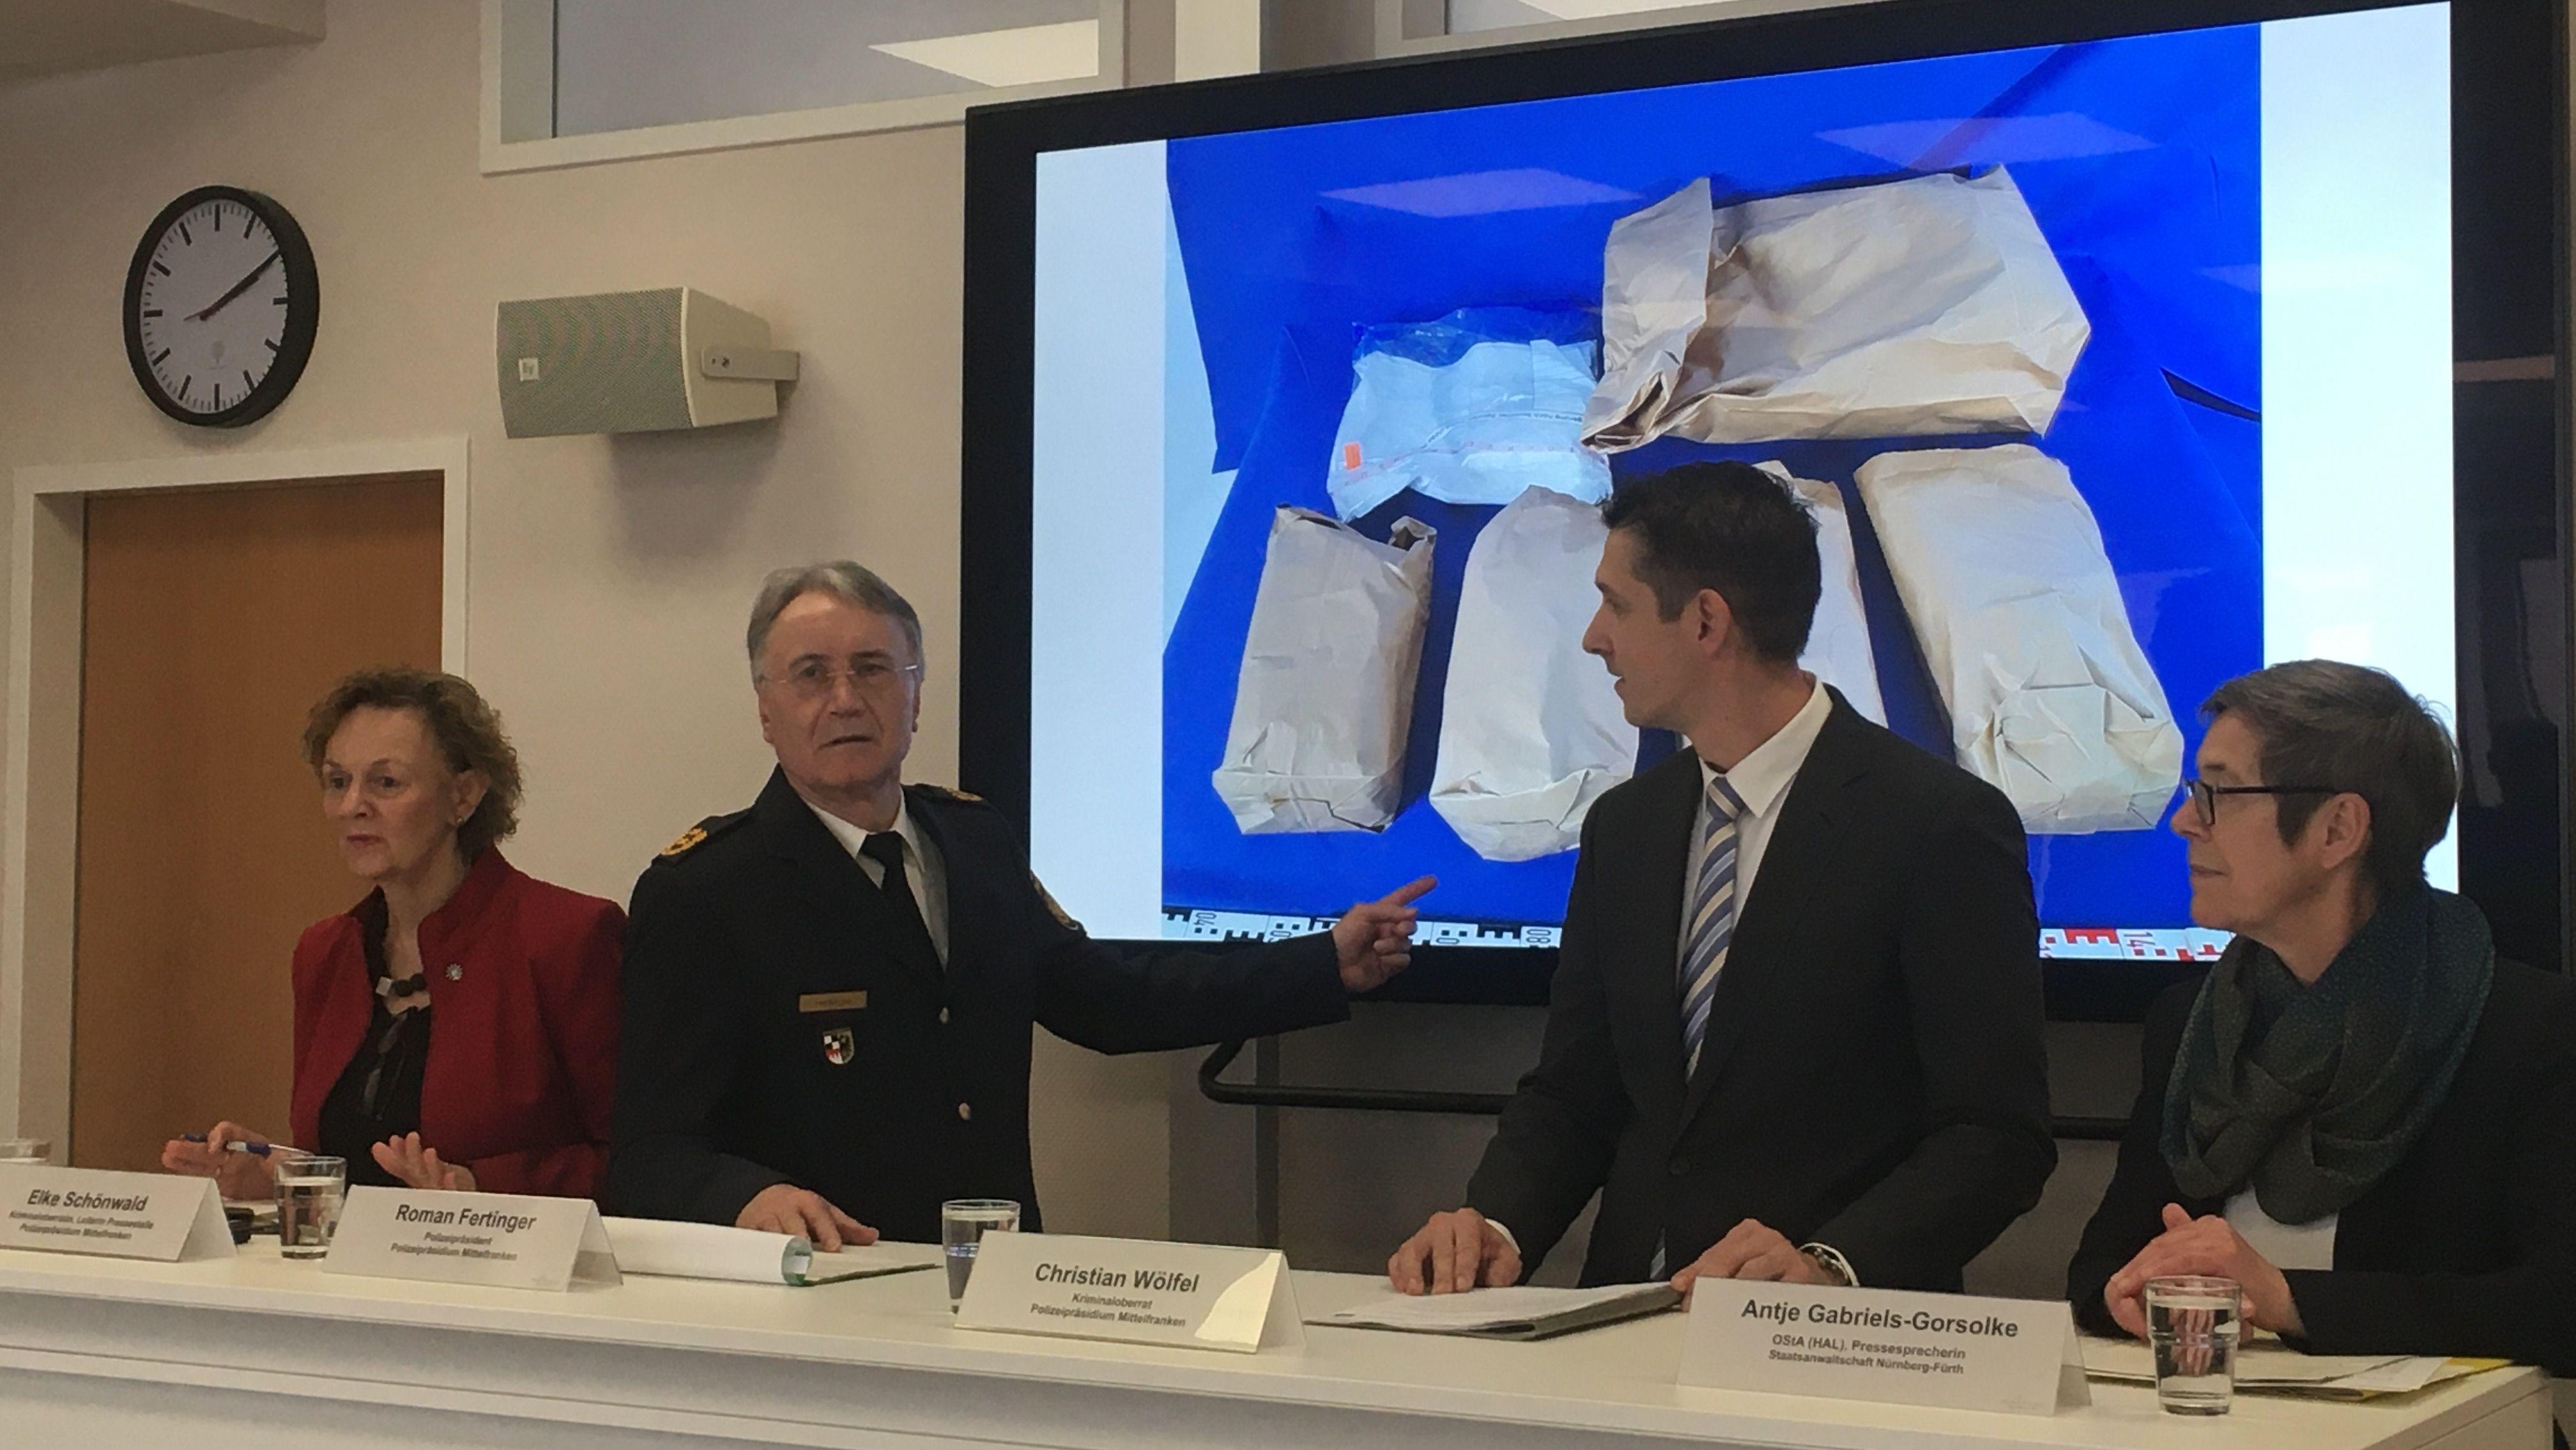 Polizeipräsident Roman Fertinger zeigt auf ein Bild der sichergestellten Drogen